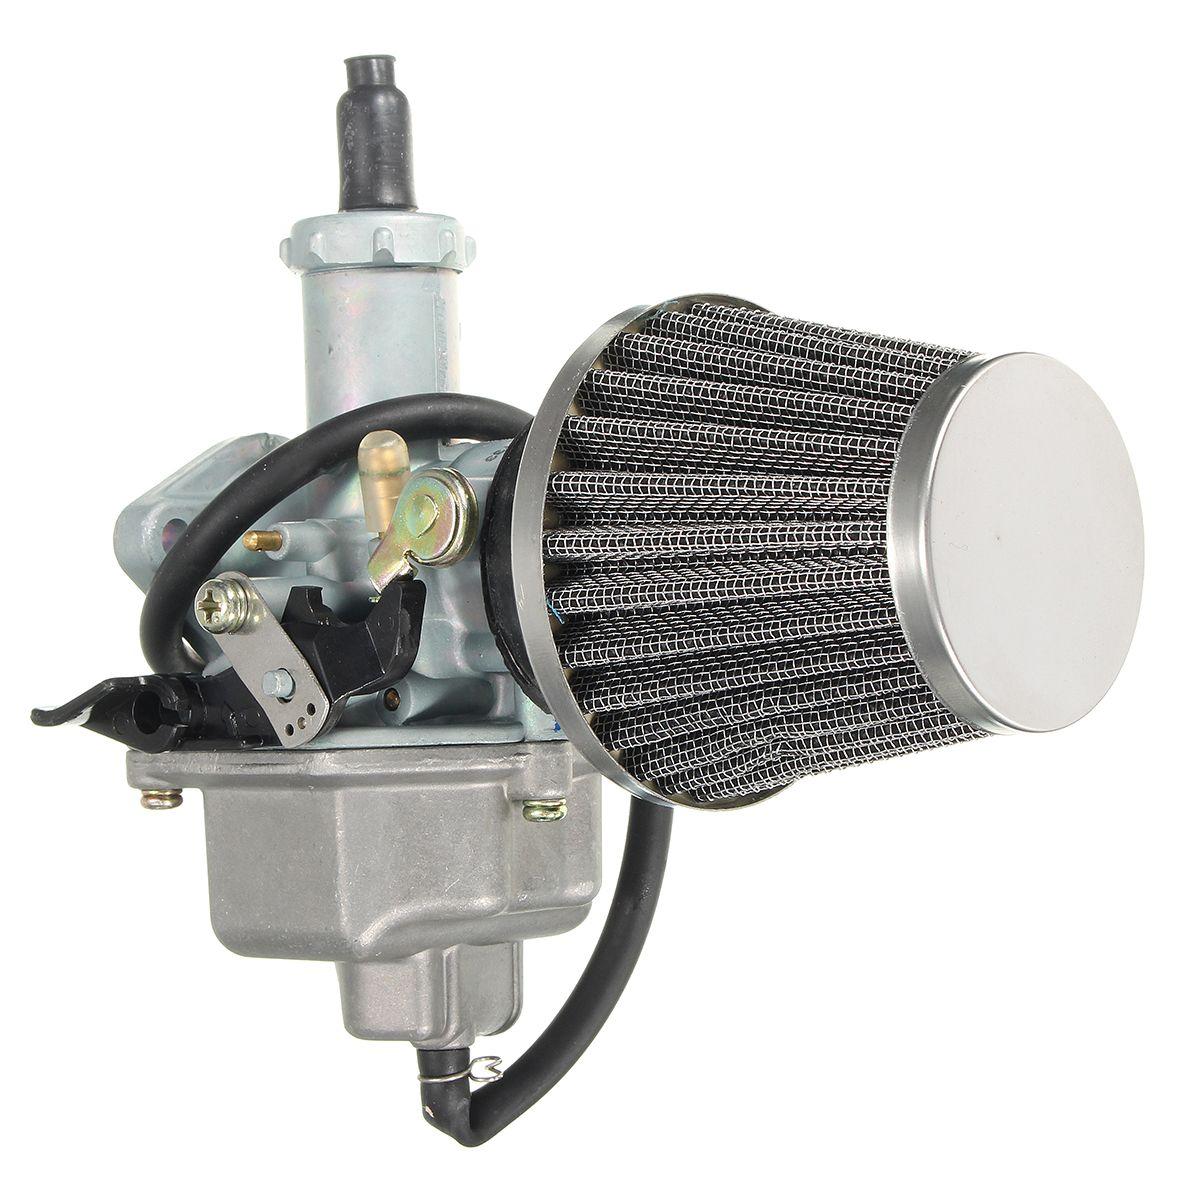 Intake 26mm Air Filter Carburetor 38mm Carb For Honda